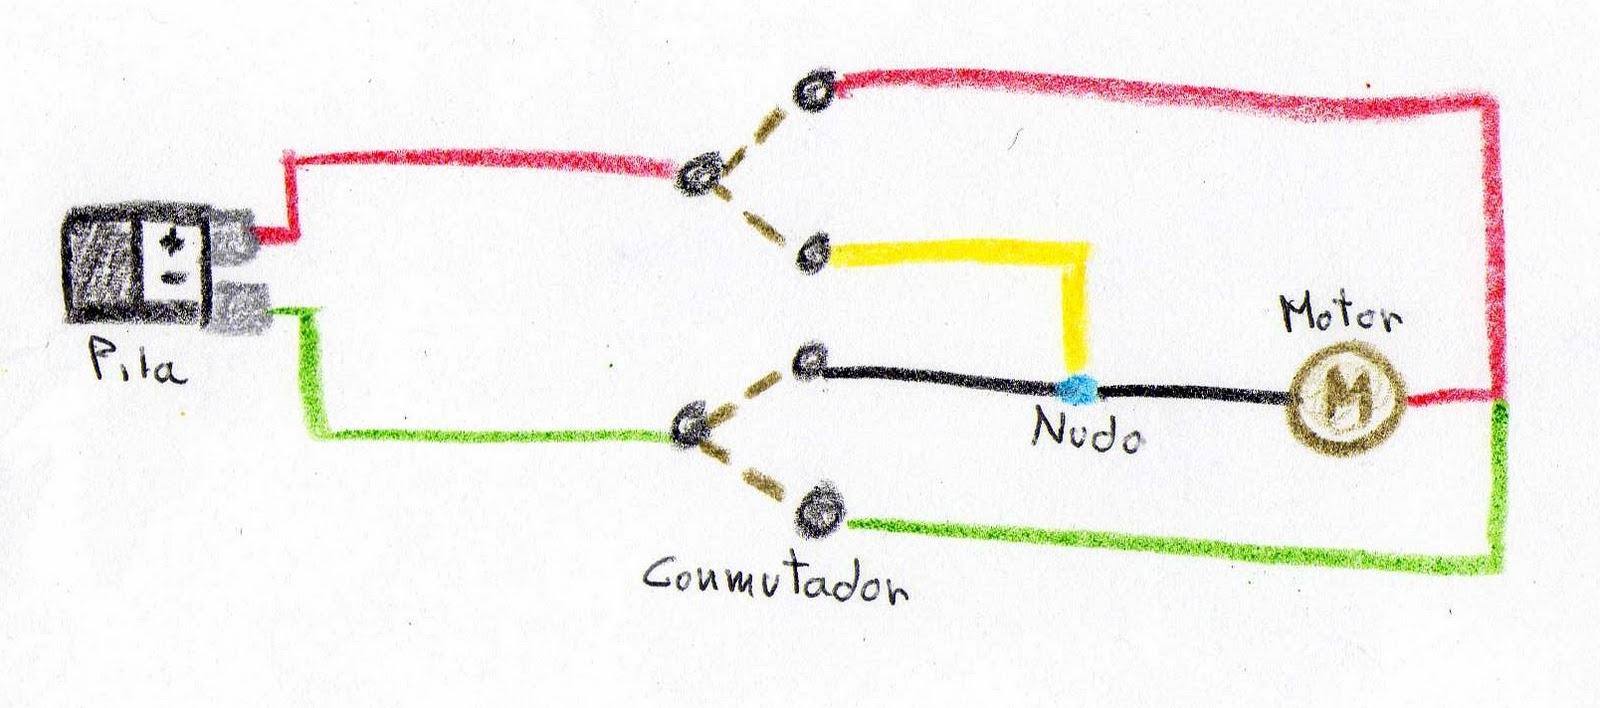 Circuito Basico Electrico : Componentes de un circuito eléctrico